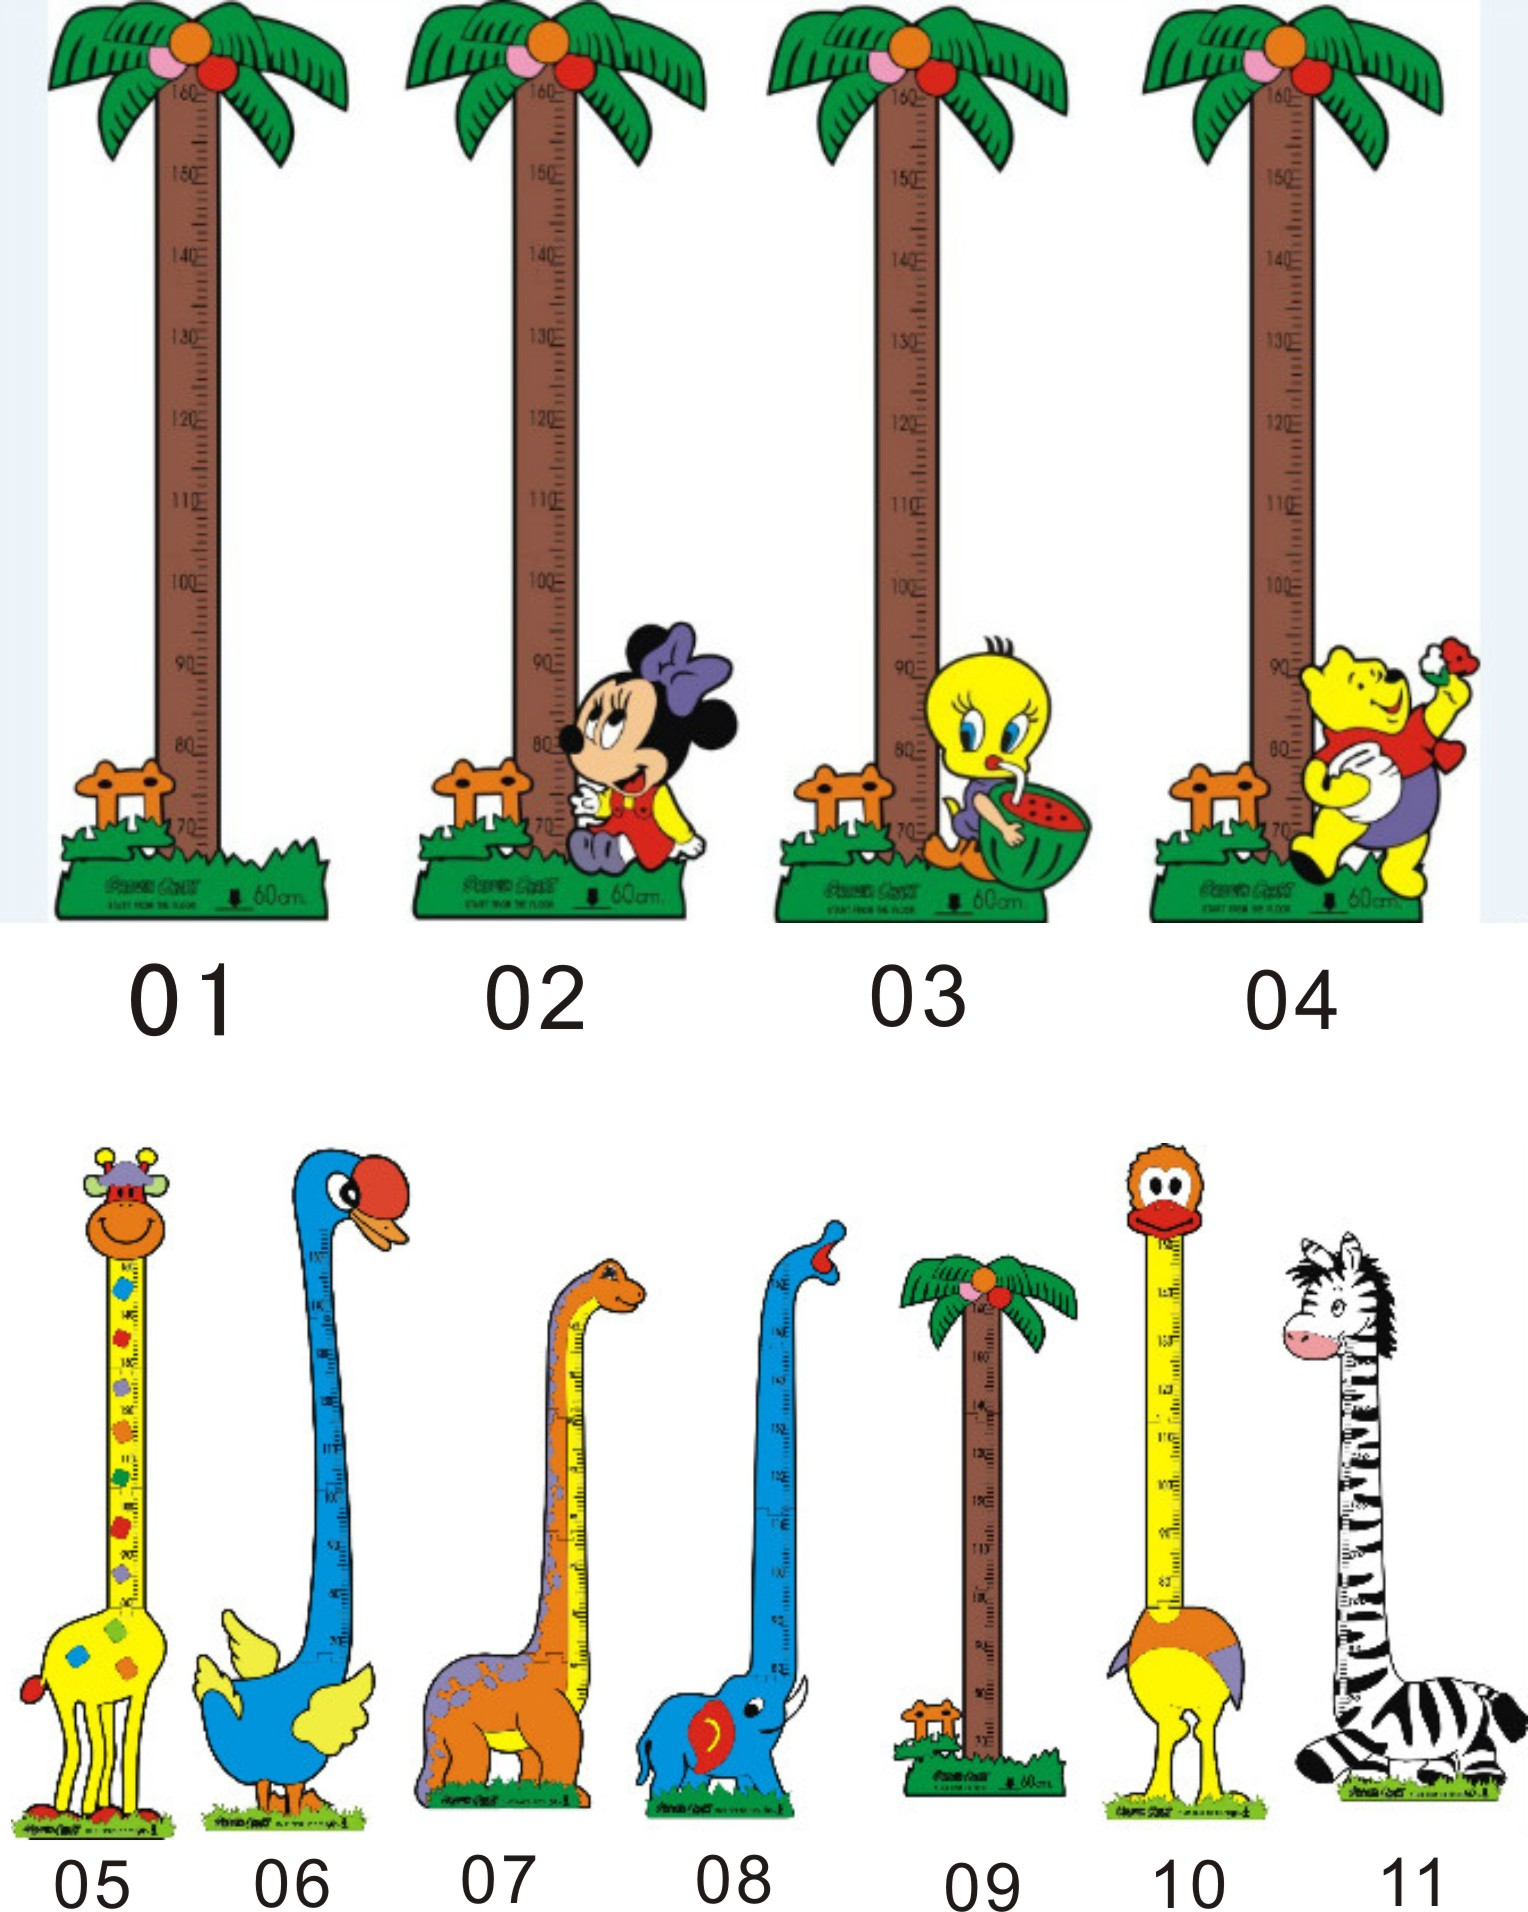 特价宝宝 ave卡通身高尺 儿童立体卡通墙贴 宝宝量身高必备1.6米图片